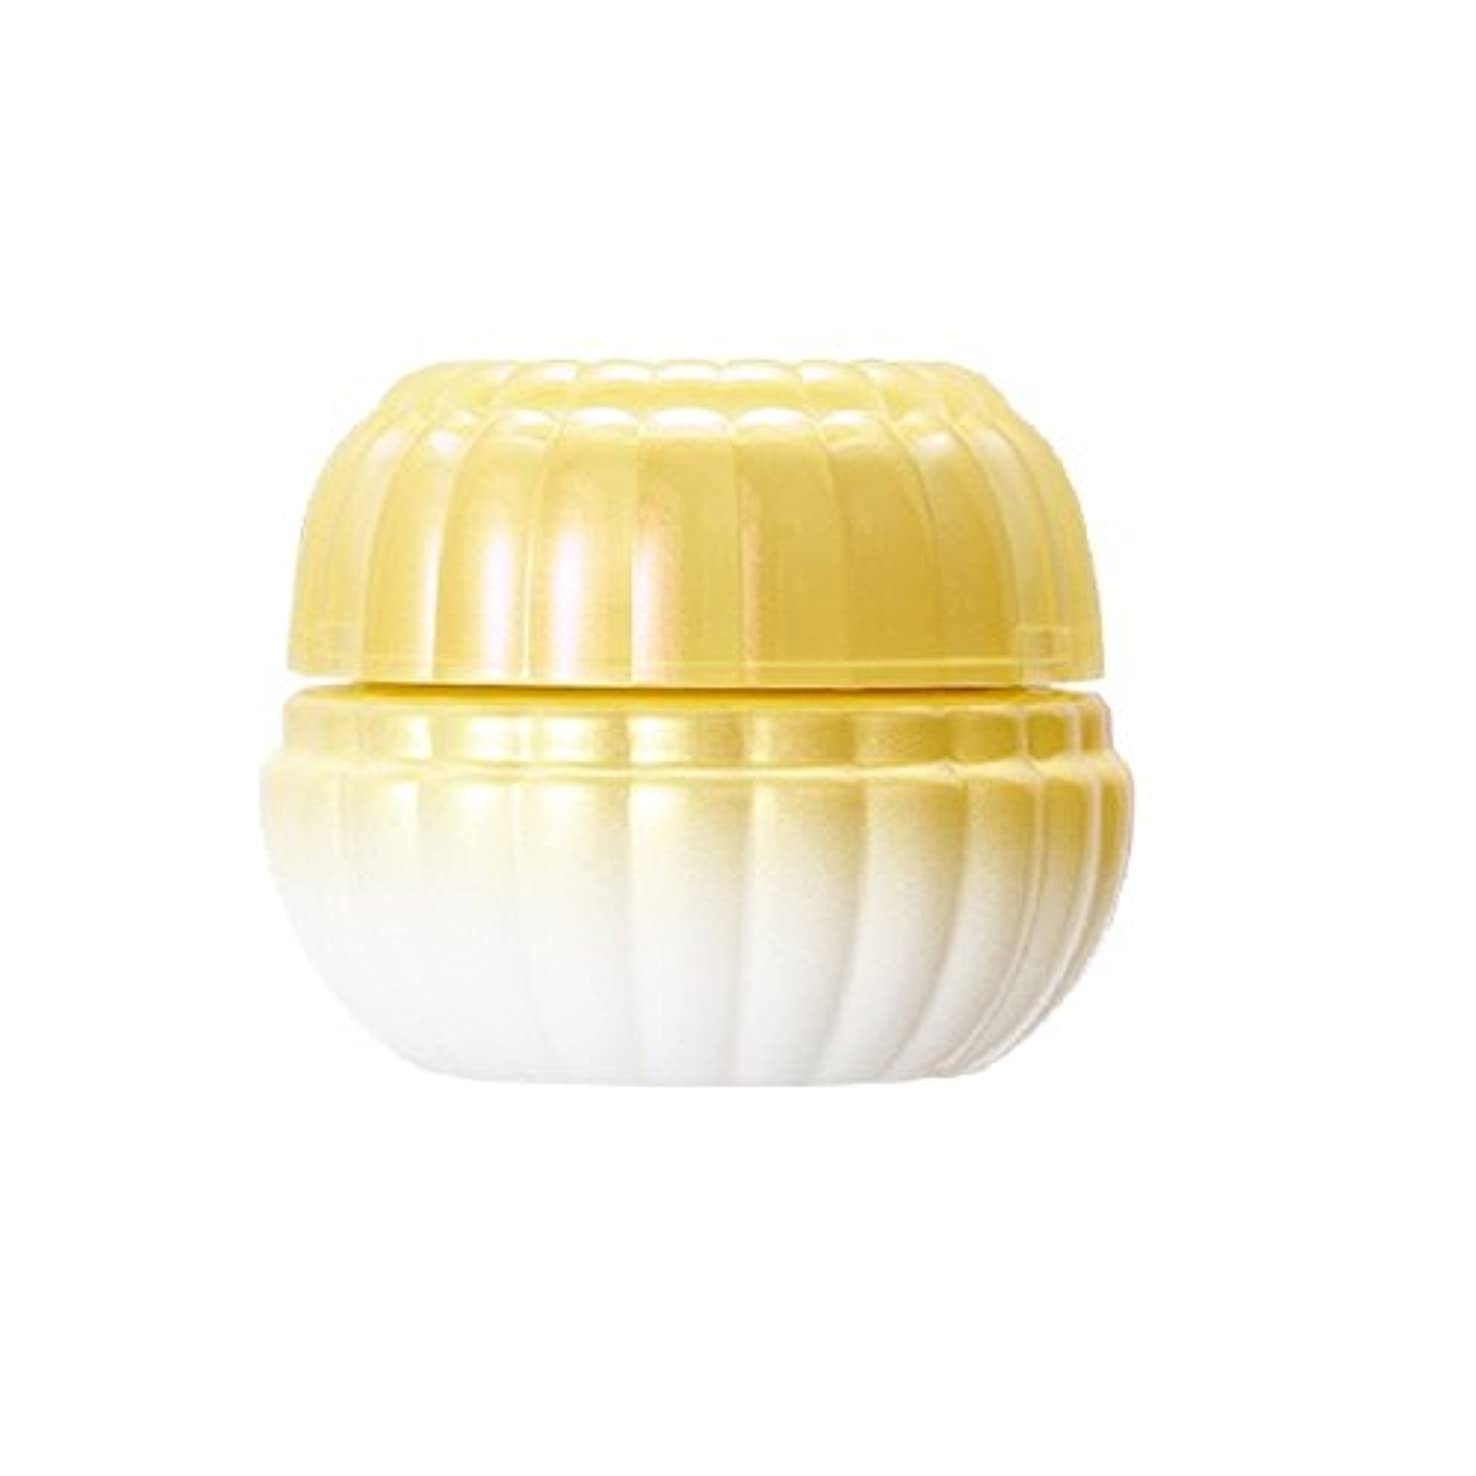 ブートトラフ時折アユーラ (AYURA) モイストパワライズクリーム (医薬部外品) 28g 〈美白クリーム〉